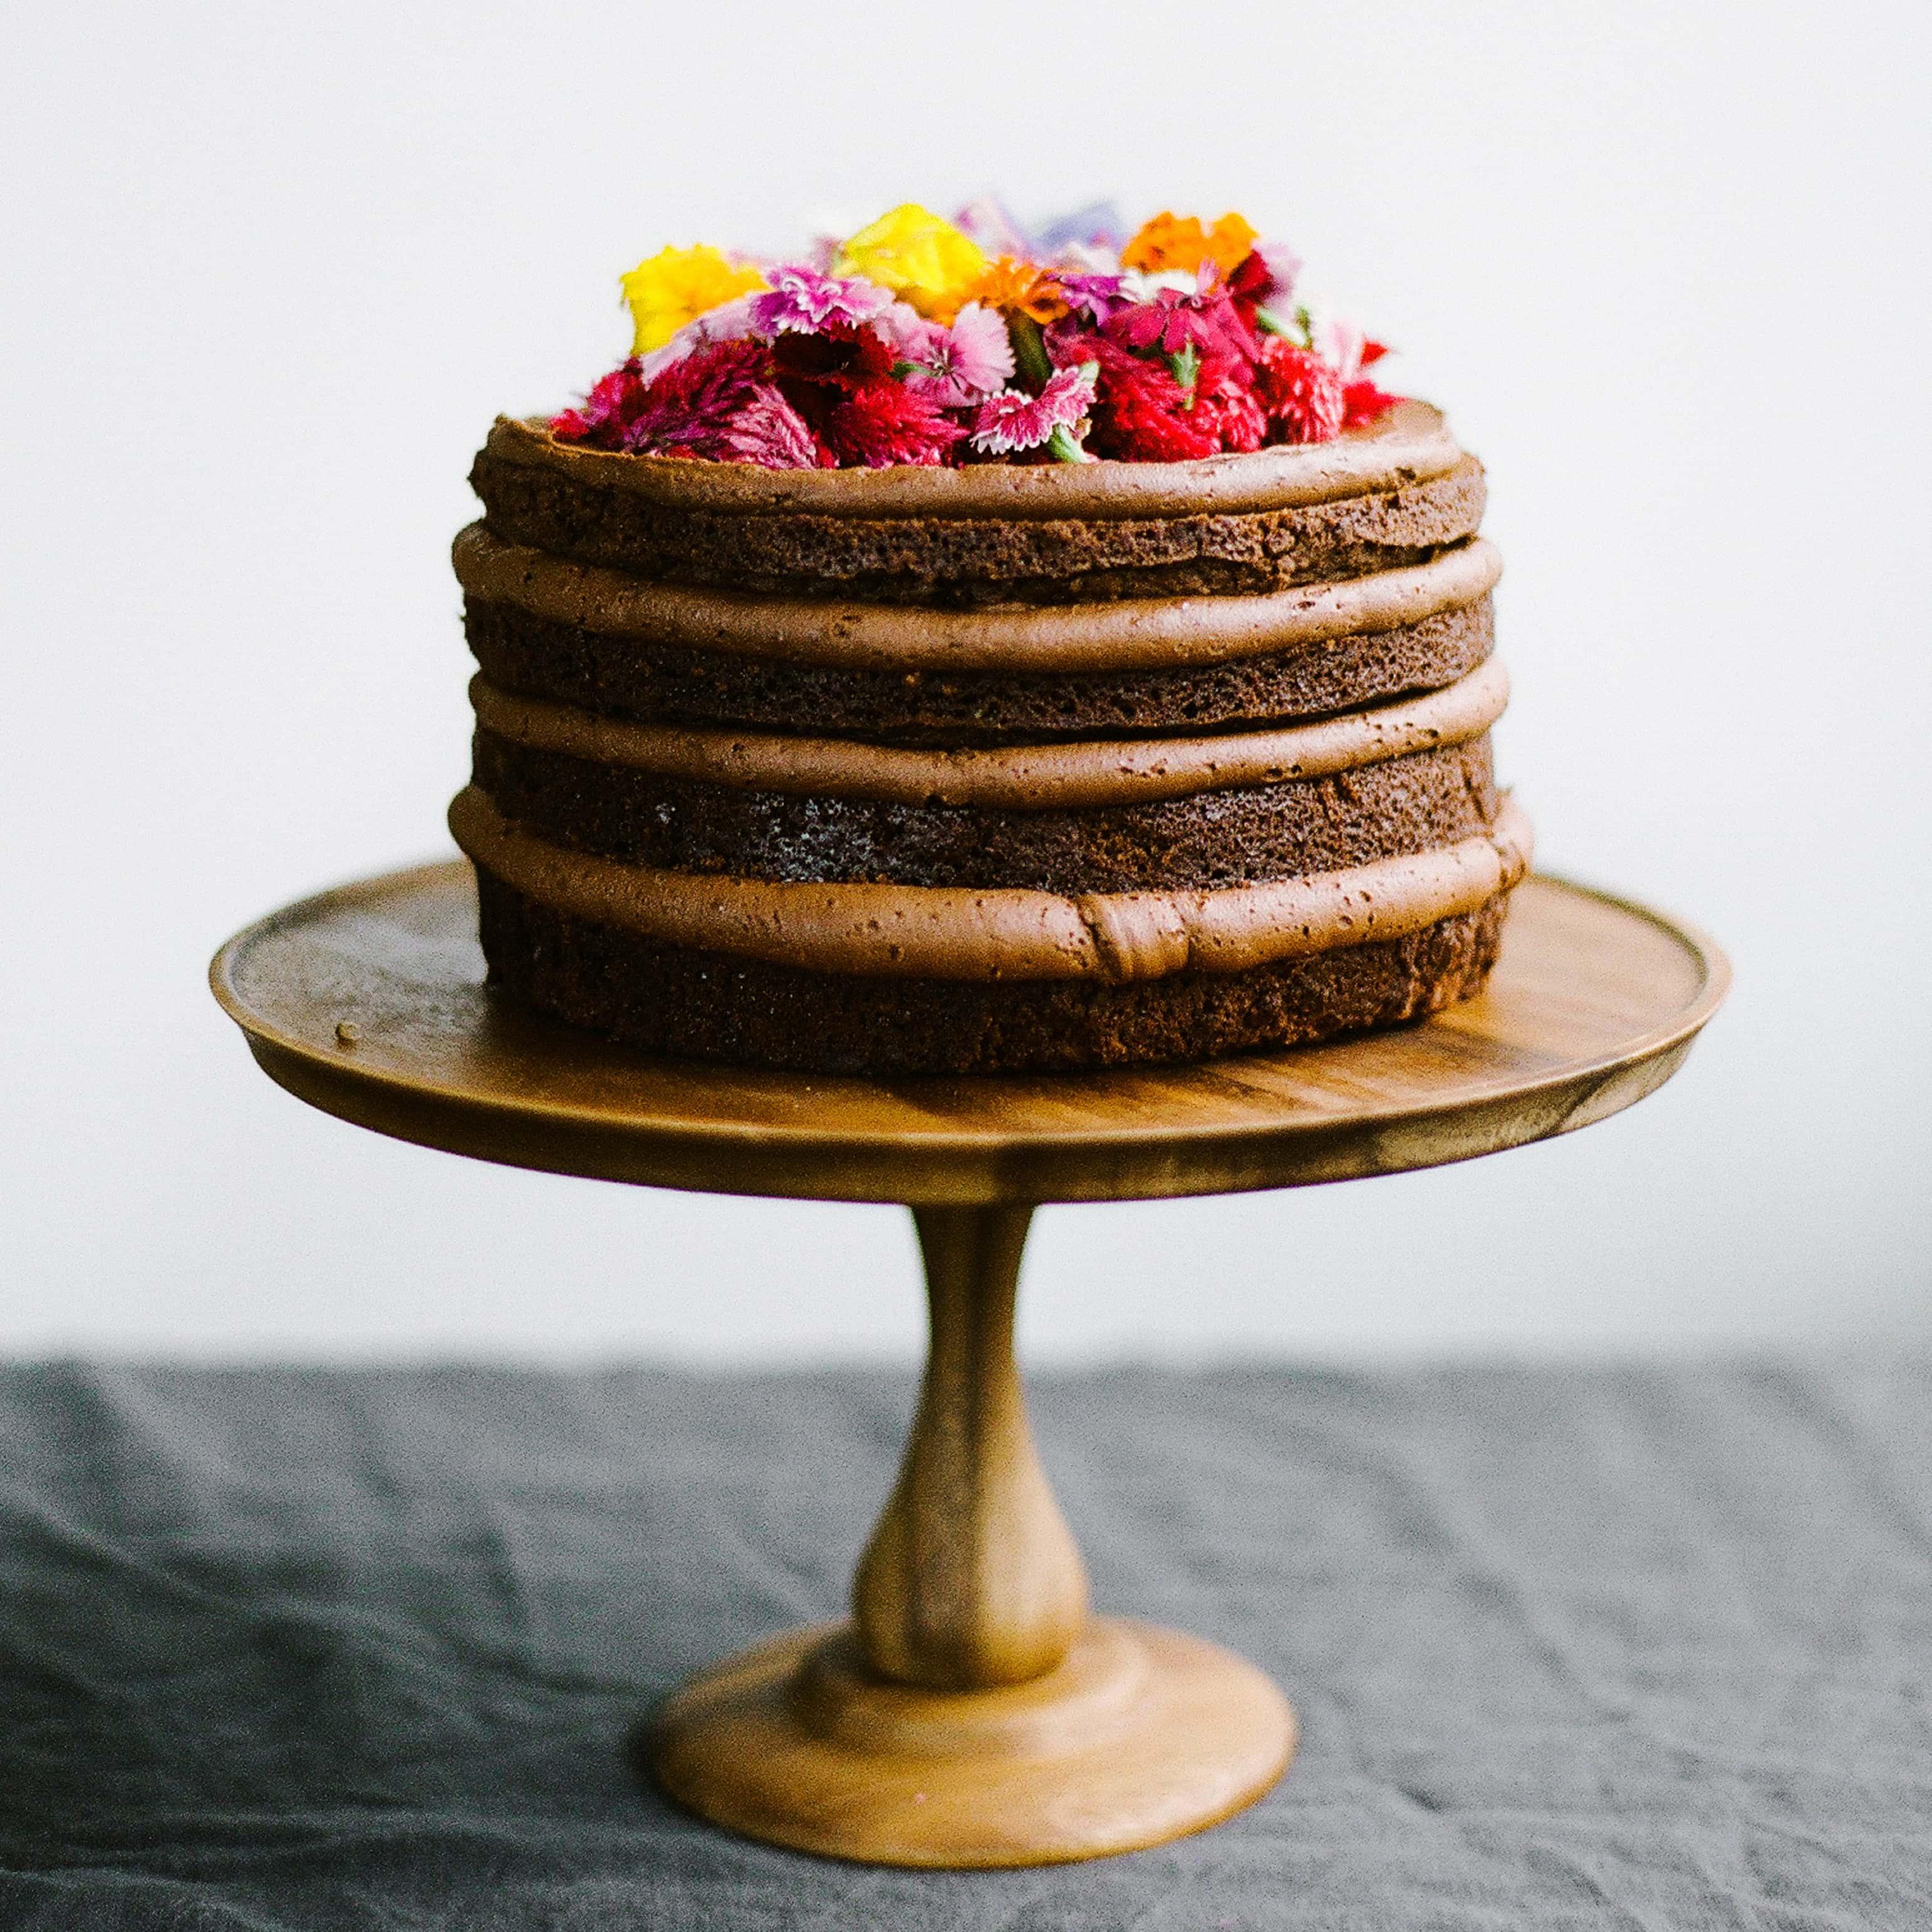 How Make Homemade Chocolate Cake